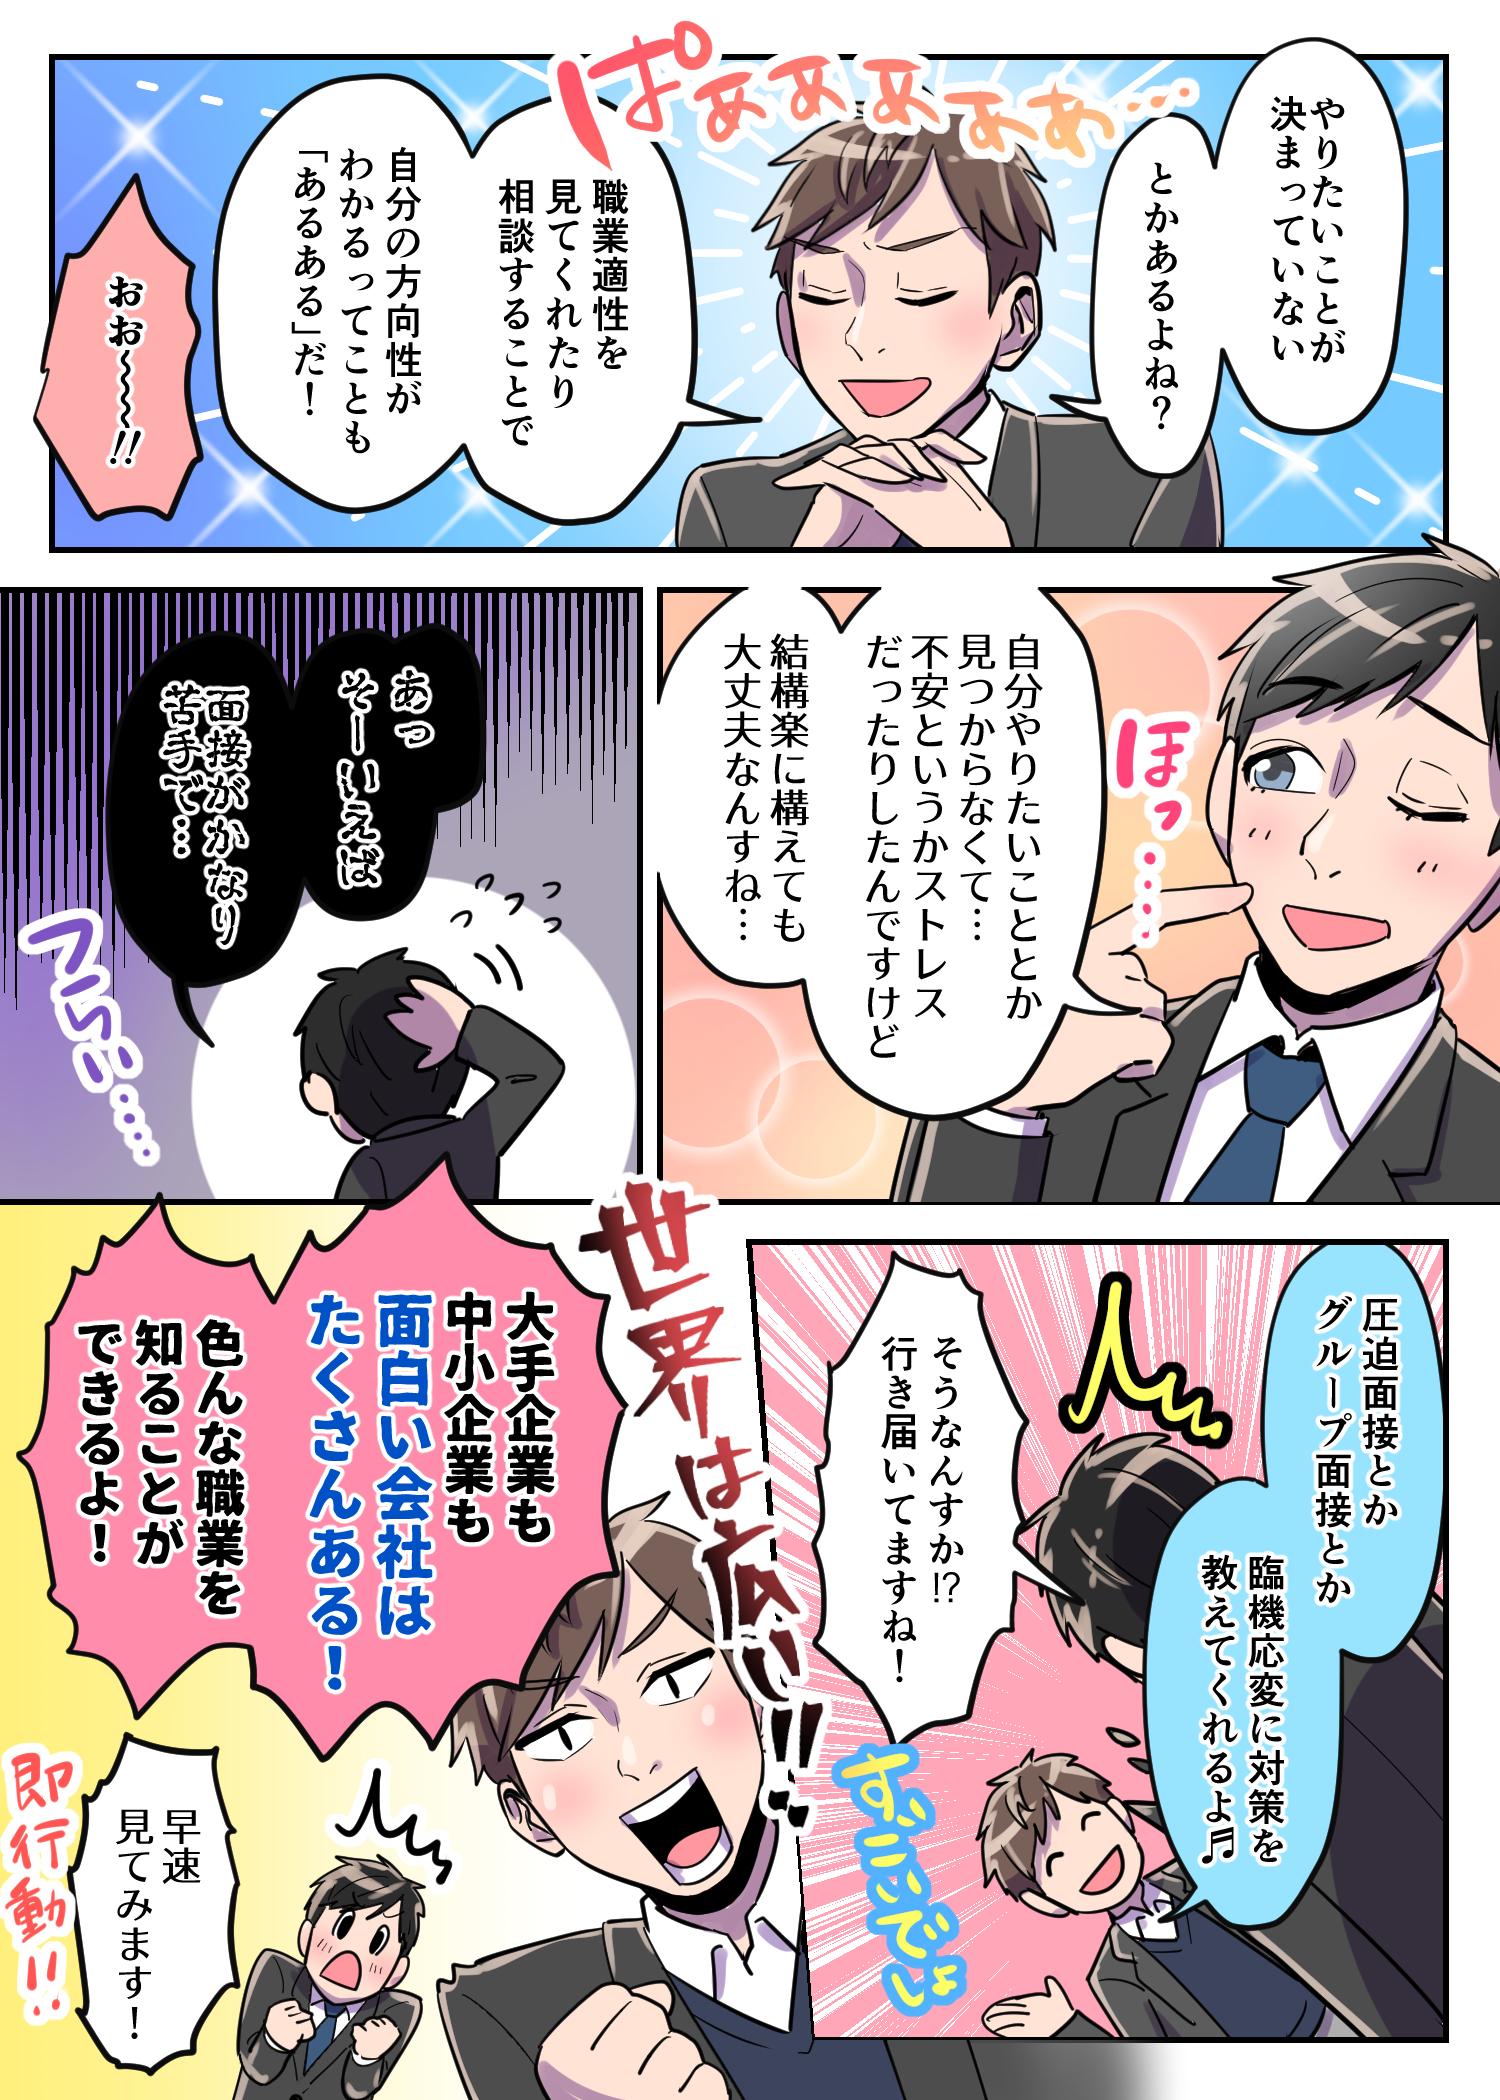 就職・就活エージェントの解説漫画3